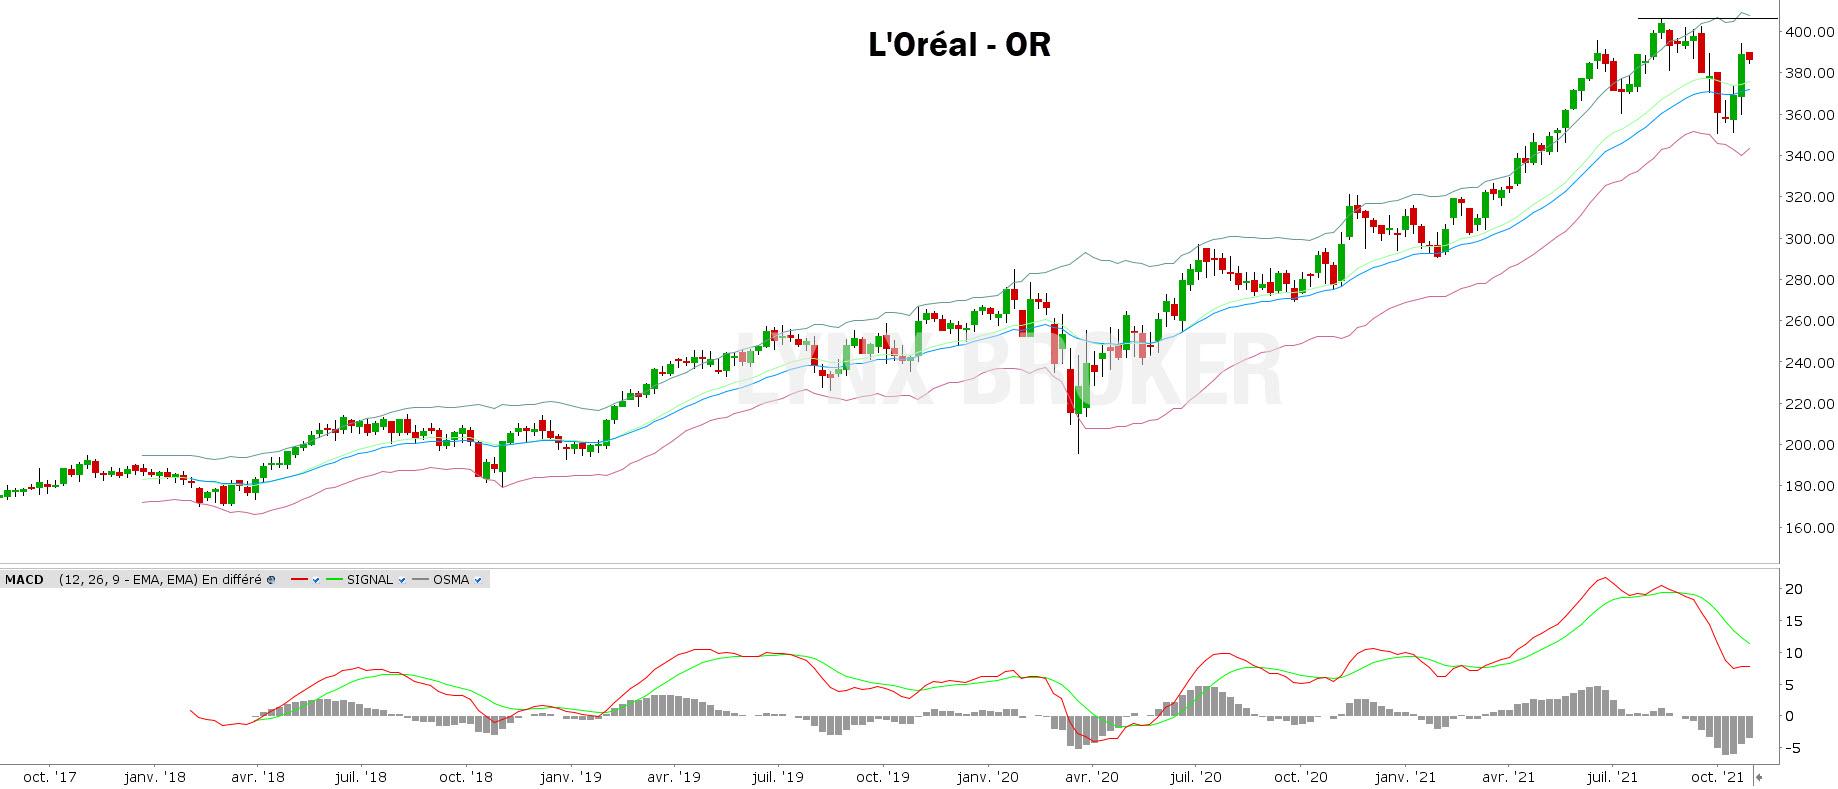 analyse technique CAC 40 - L'Oréal - 25102021